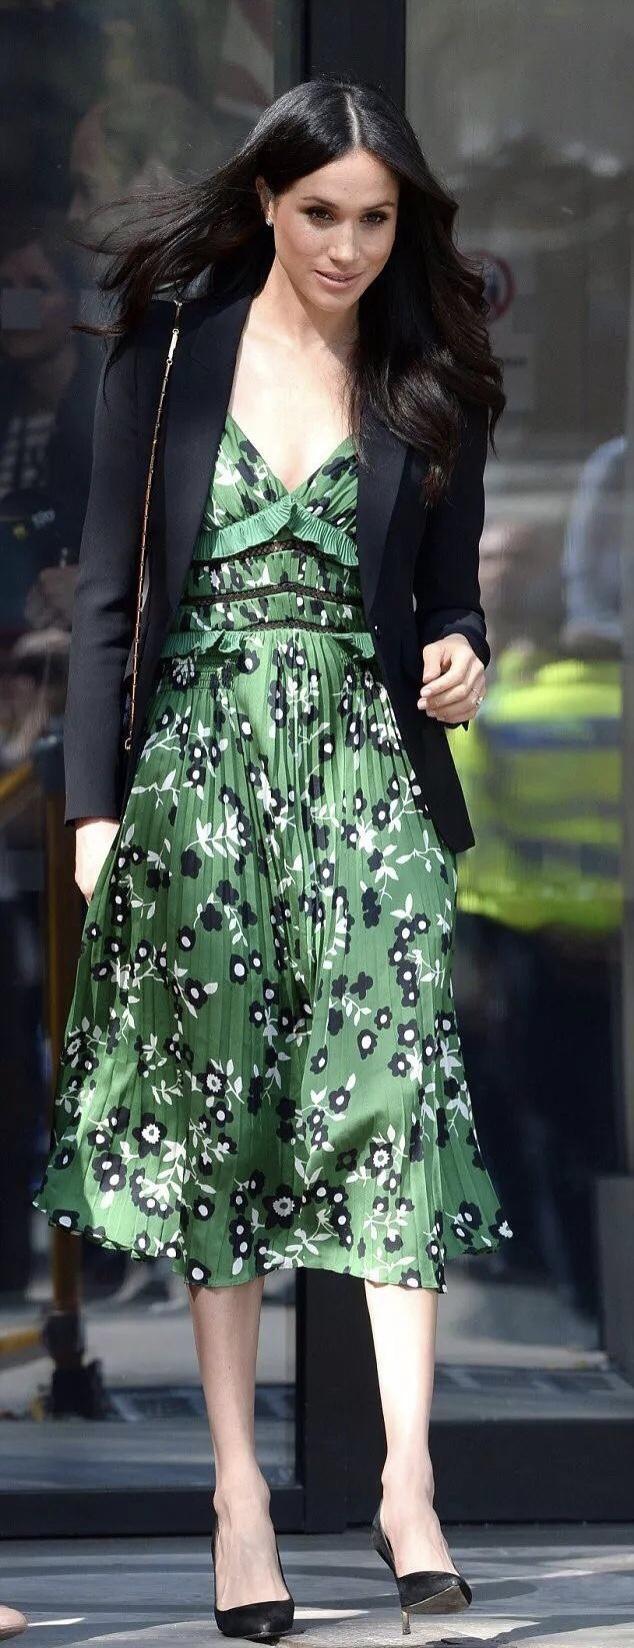 原创 梅根解锁新身份,化身时尚编辑,被时尚圈认可的她究竟有何魅力